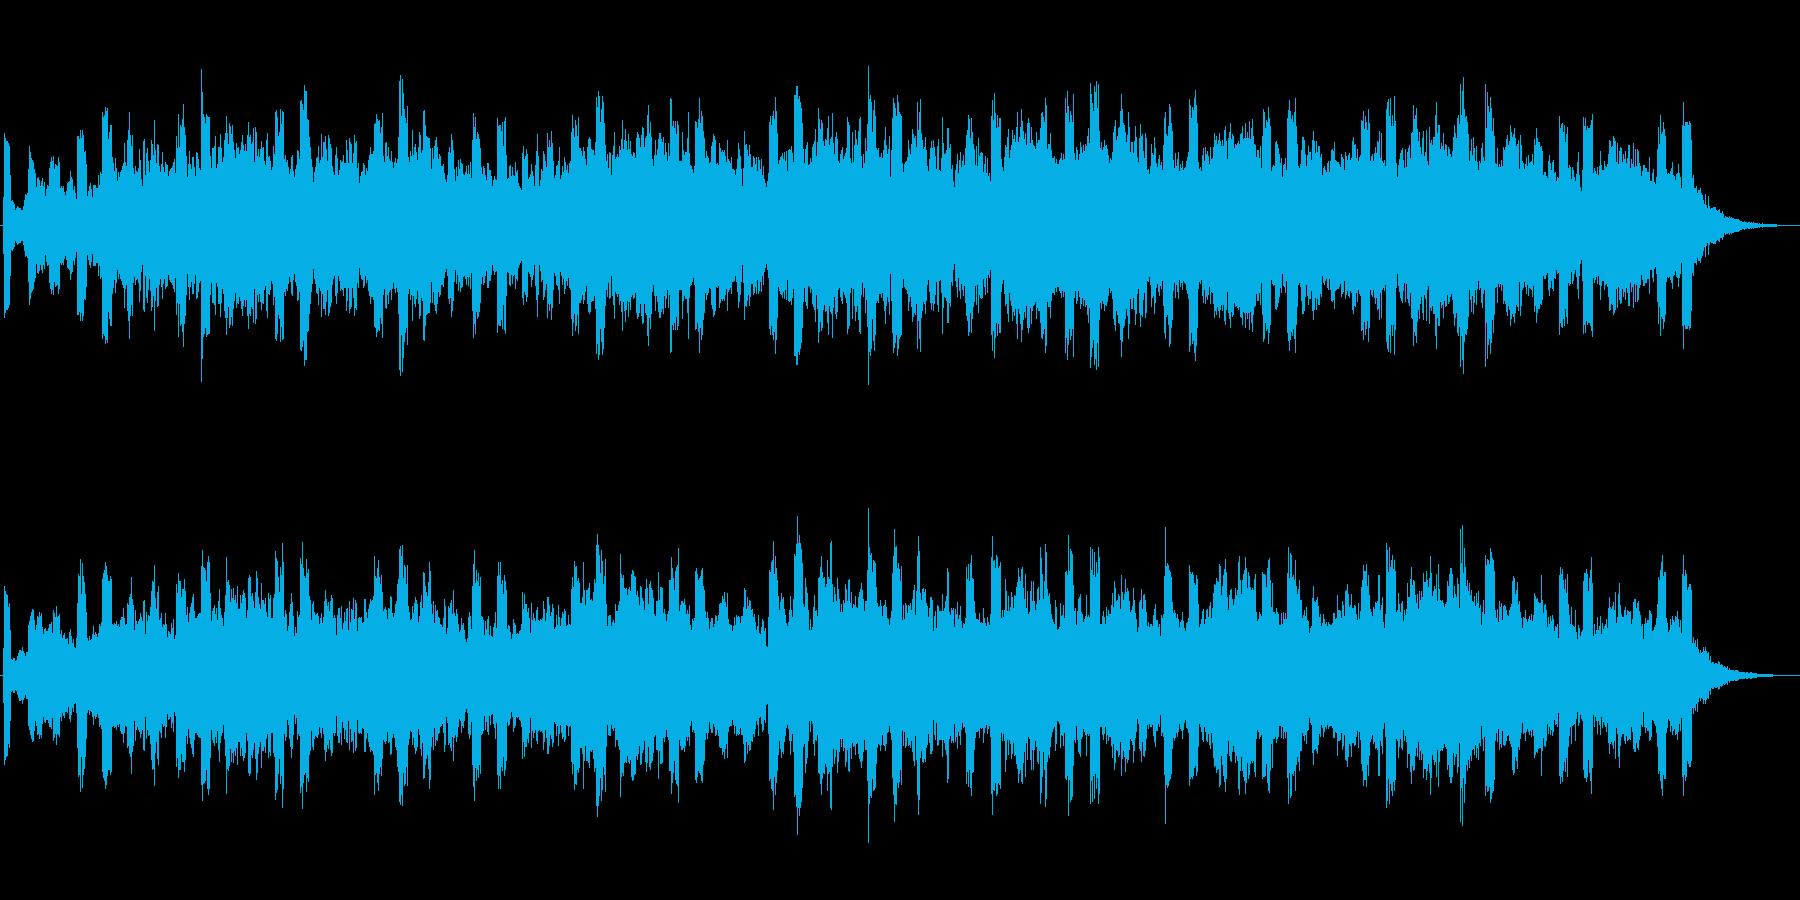 ミリマリスティックな壮大なジングルの再生済みの波形